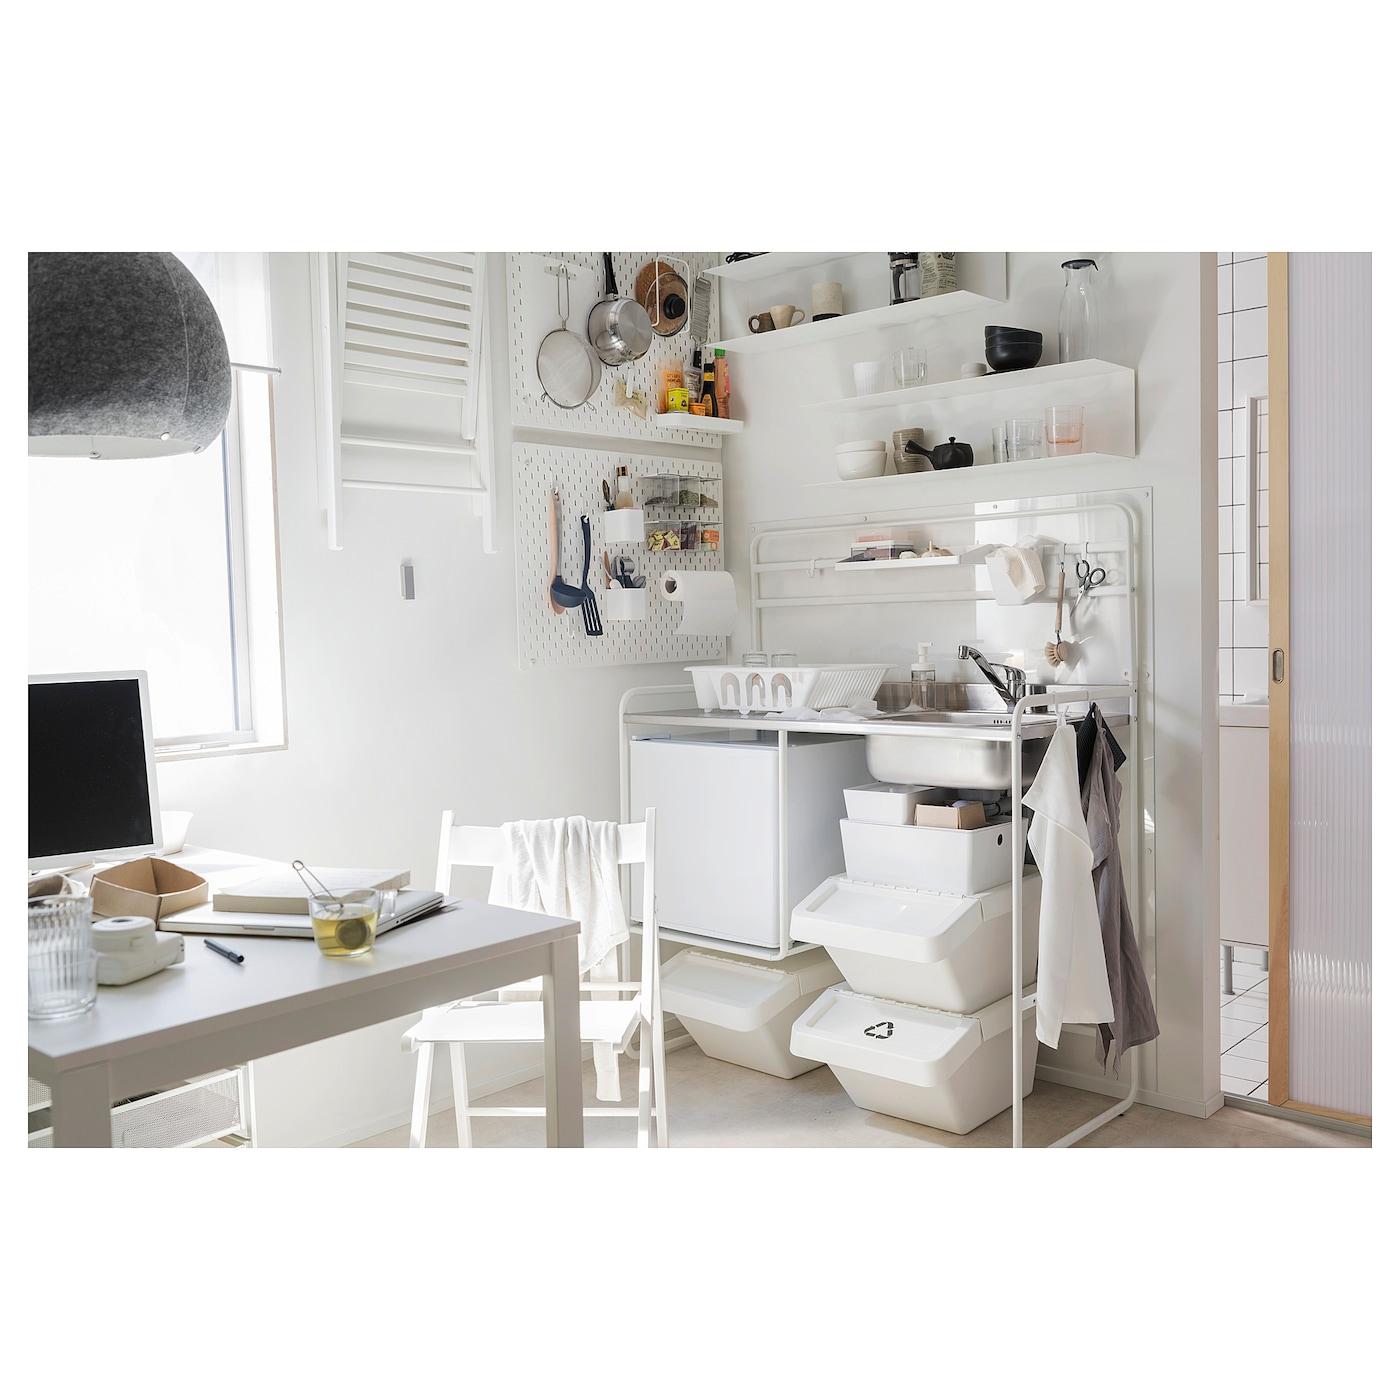 Full Size of Ikea Singlekche Http Noxmasformerkel De Ph4x7y Ptxeposv4pcju2ci Miniküche Küche Kosten Modulküche Kaufen Betten Bei 160x200 Stengel Sofa Mit Schlaffunktion Wohnzimmer Miniküche Ikea